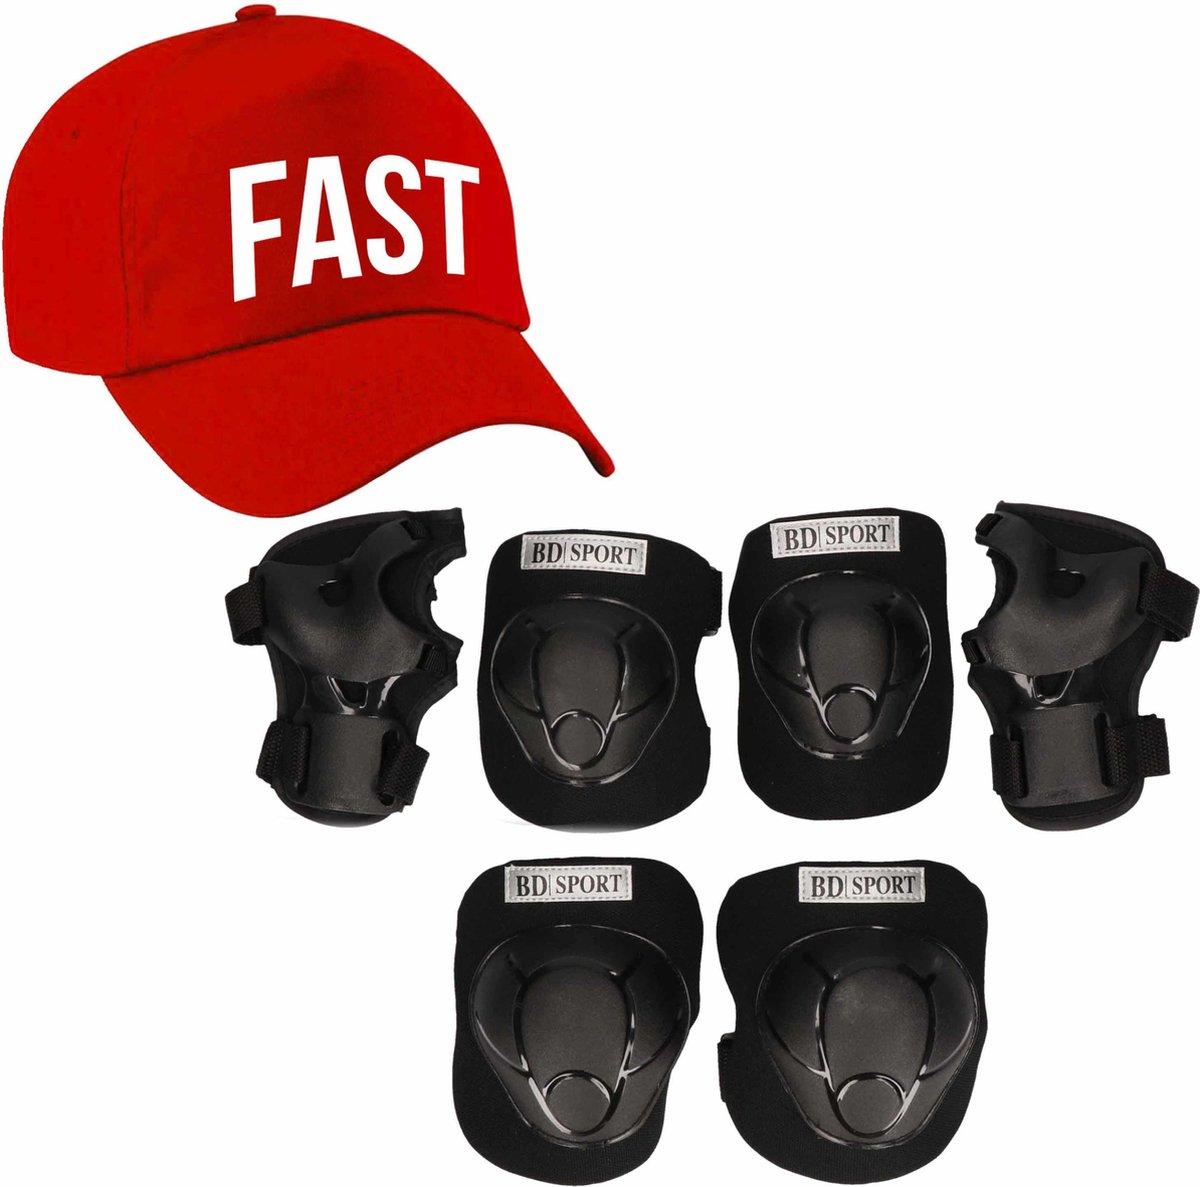 Set van valbescherming voor kinderen maat M / 6 tot 8 jaar met een stoere FAST pet rood